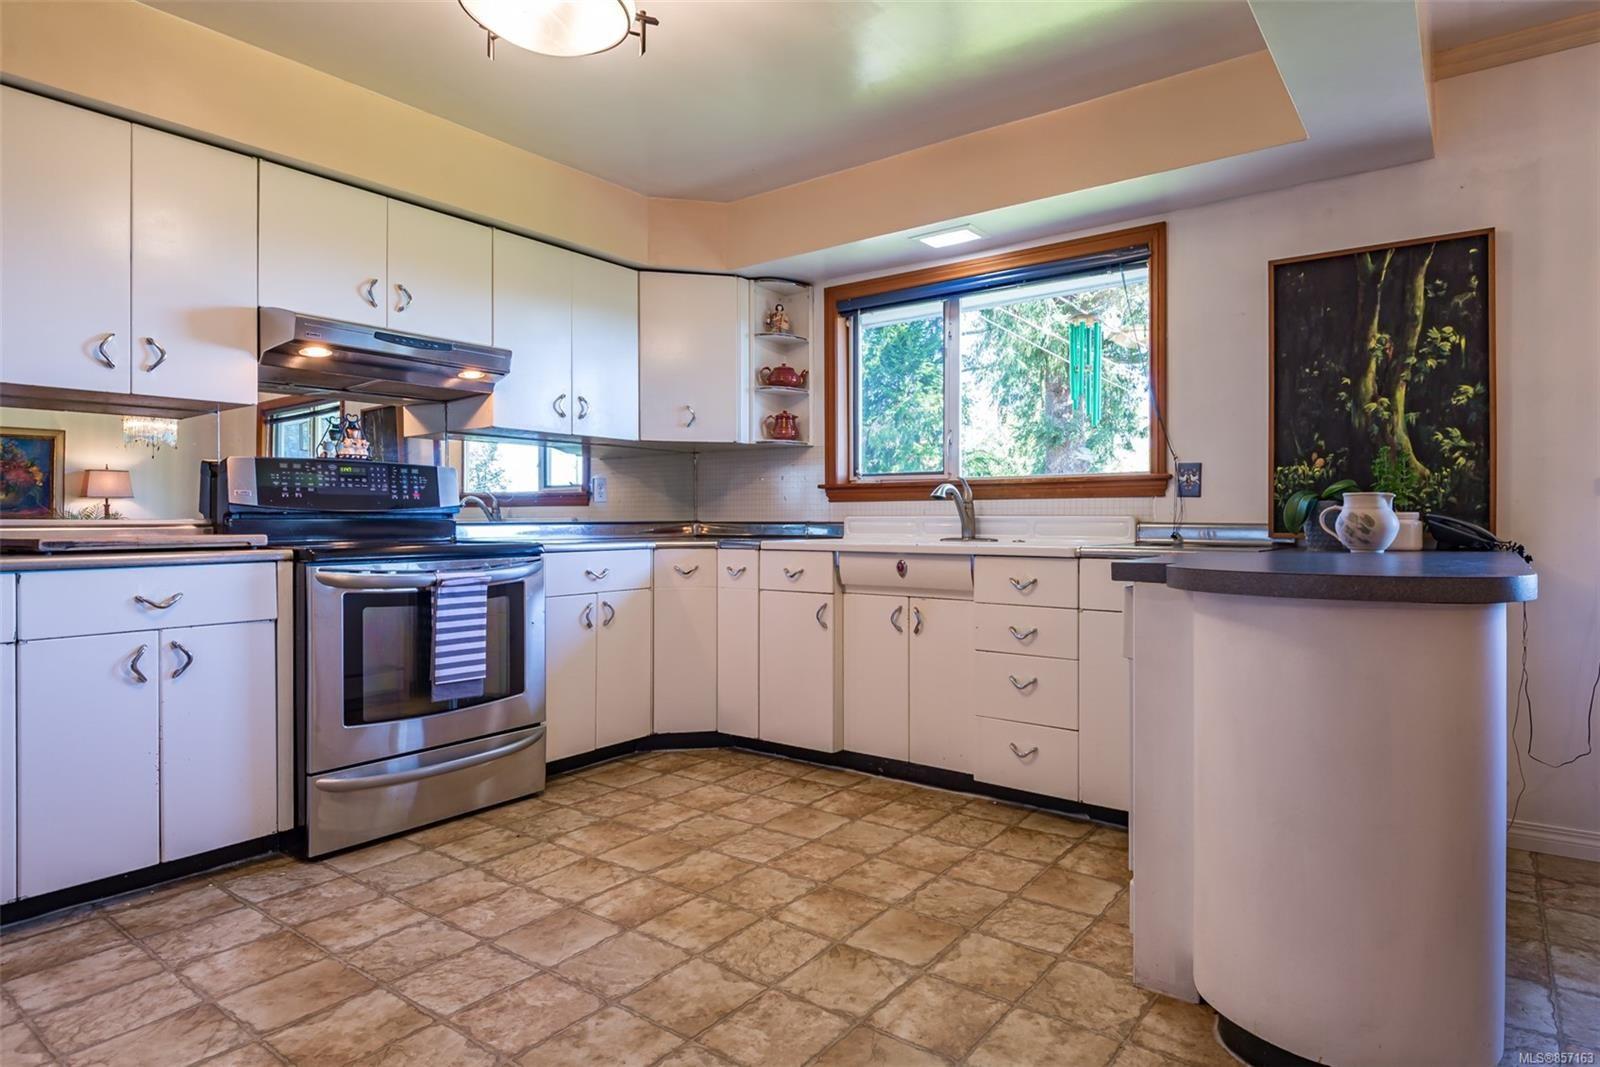 Photo 15: Photos: 4241 Buddington Rd in : CV Courtenay South House for sale (Comox Valley)  : MLS®# 857163